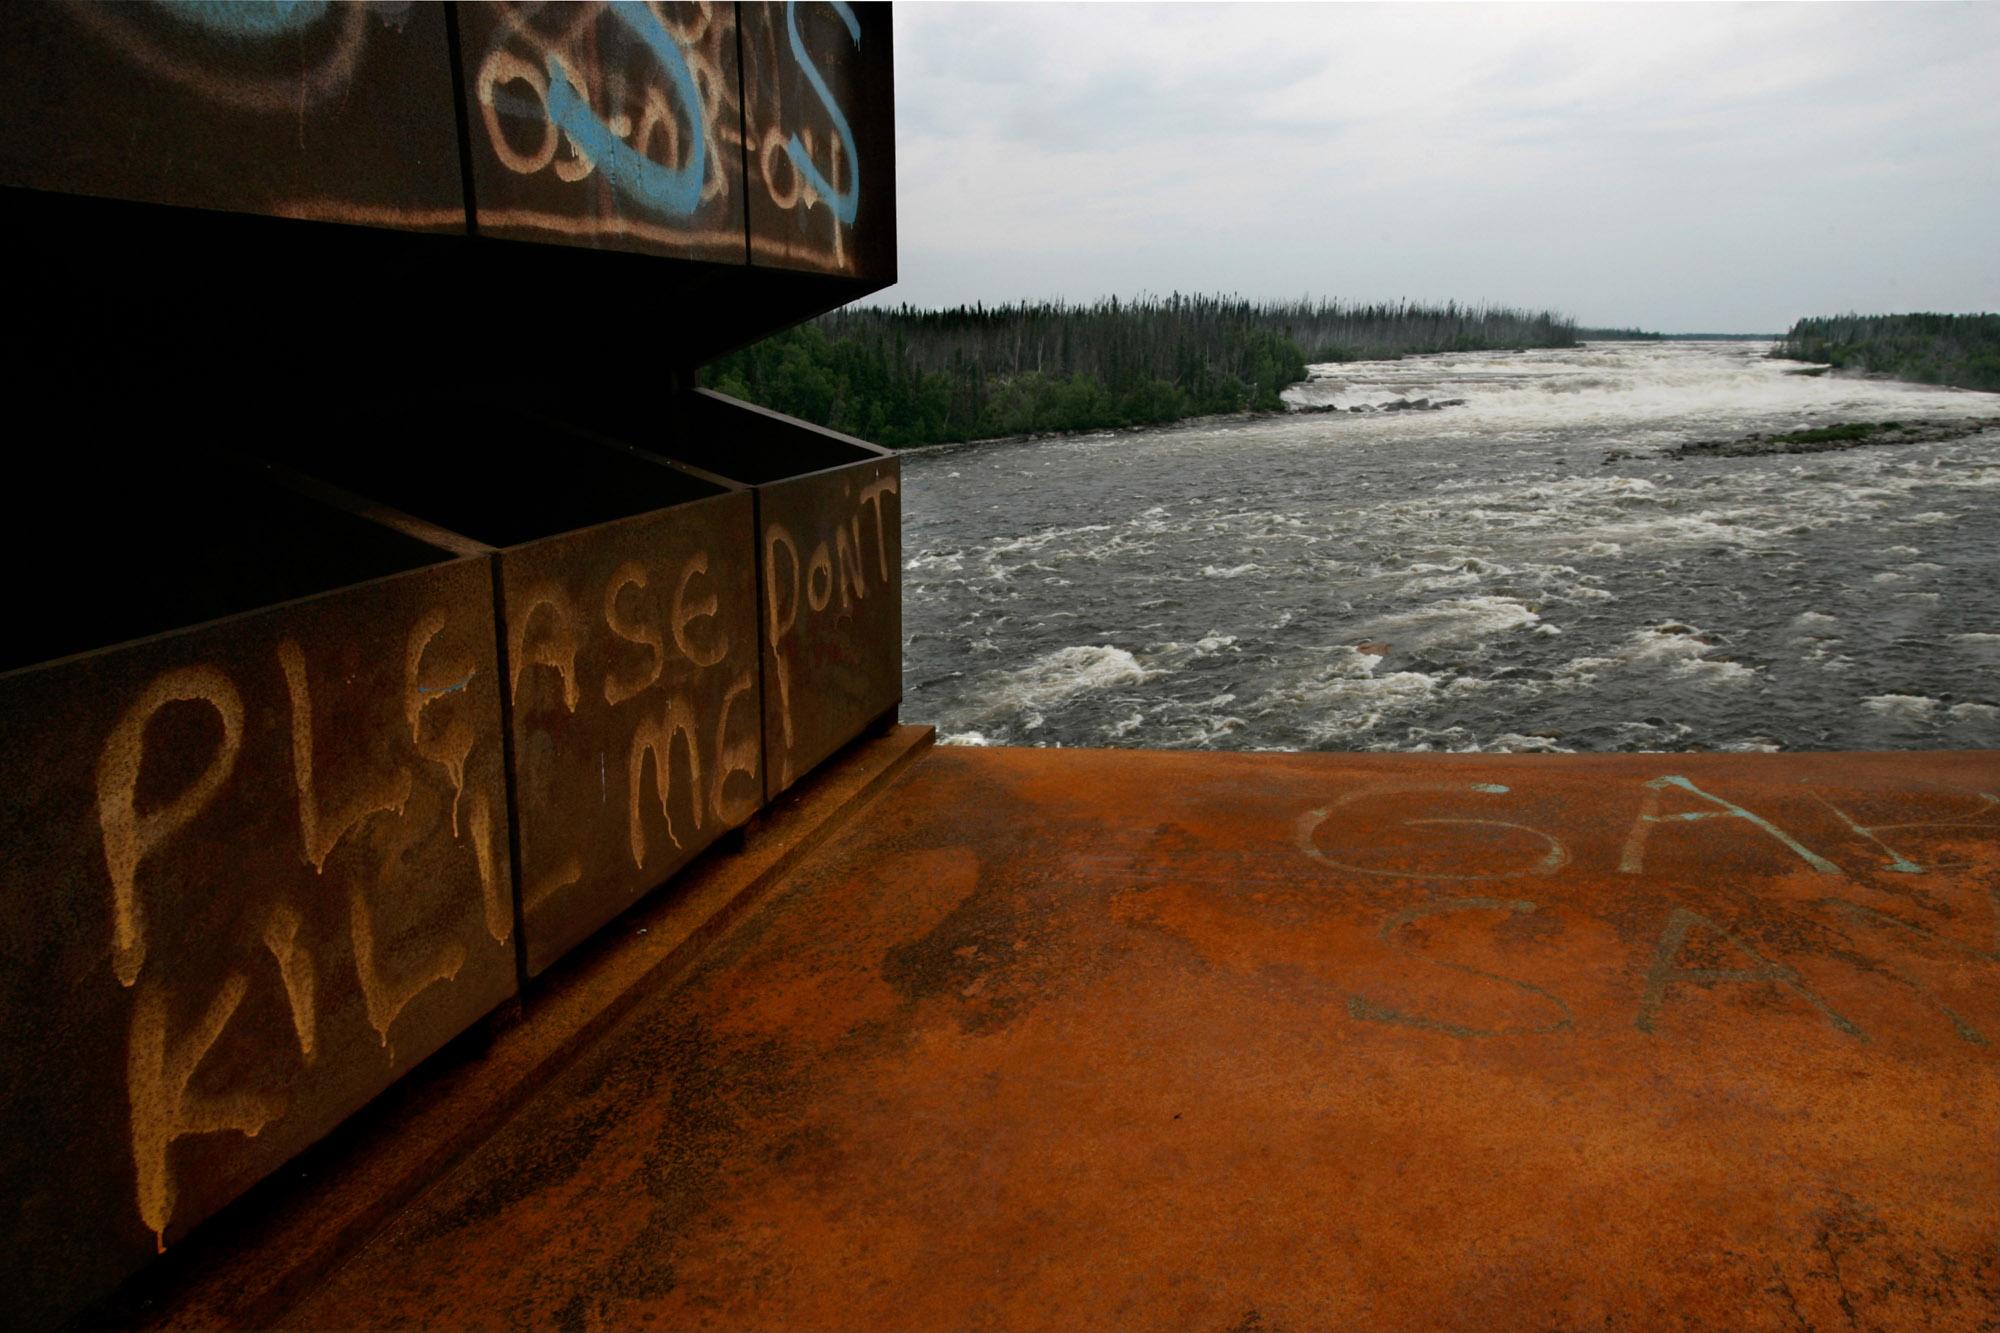 Rivière Rupert, Juilet 2006. Le pont qui enjambe la Rivière Rupert  sur la route de la Baie James au rapide Oatmeal est couvert de message  sans équivoque S'il vous plait ne me tuer pas!